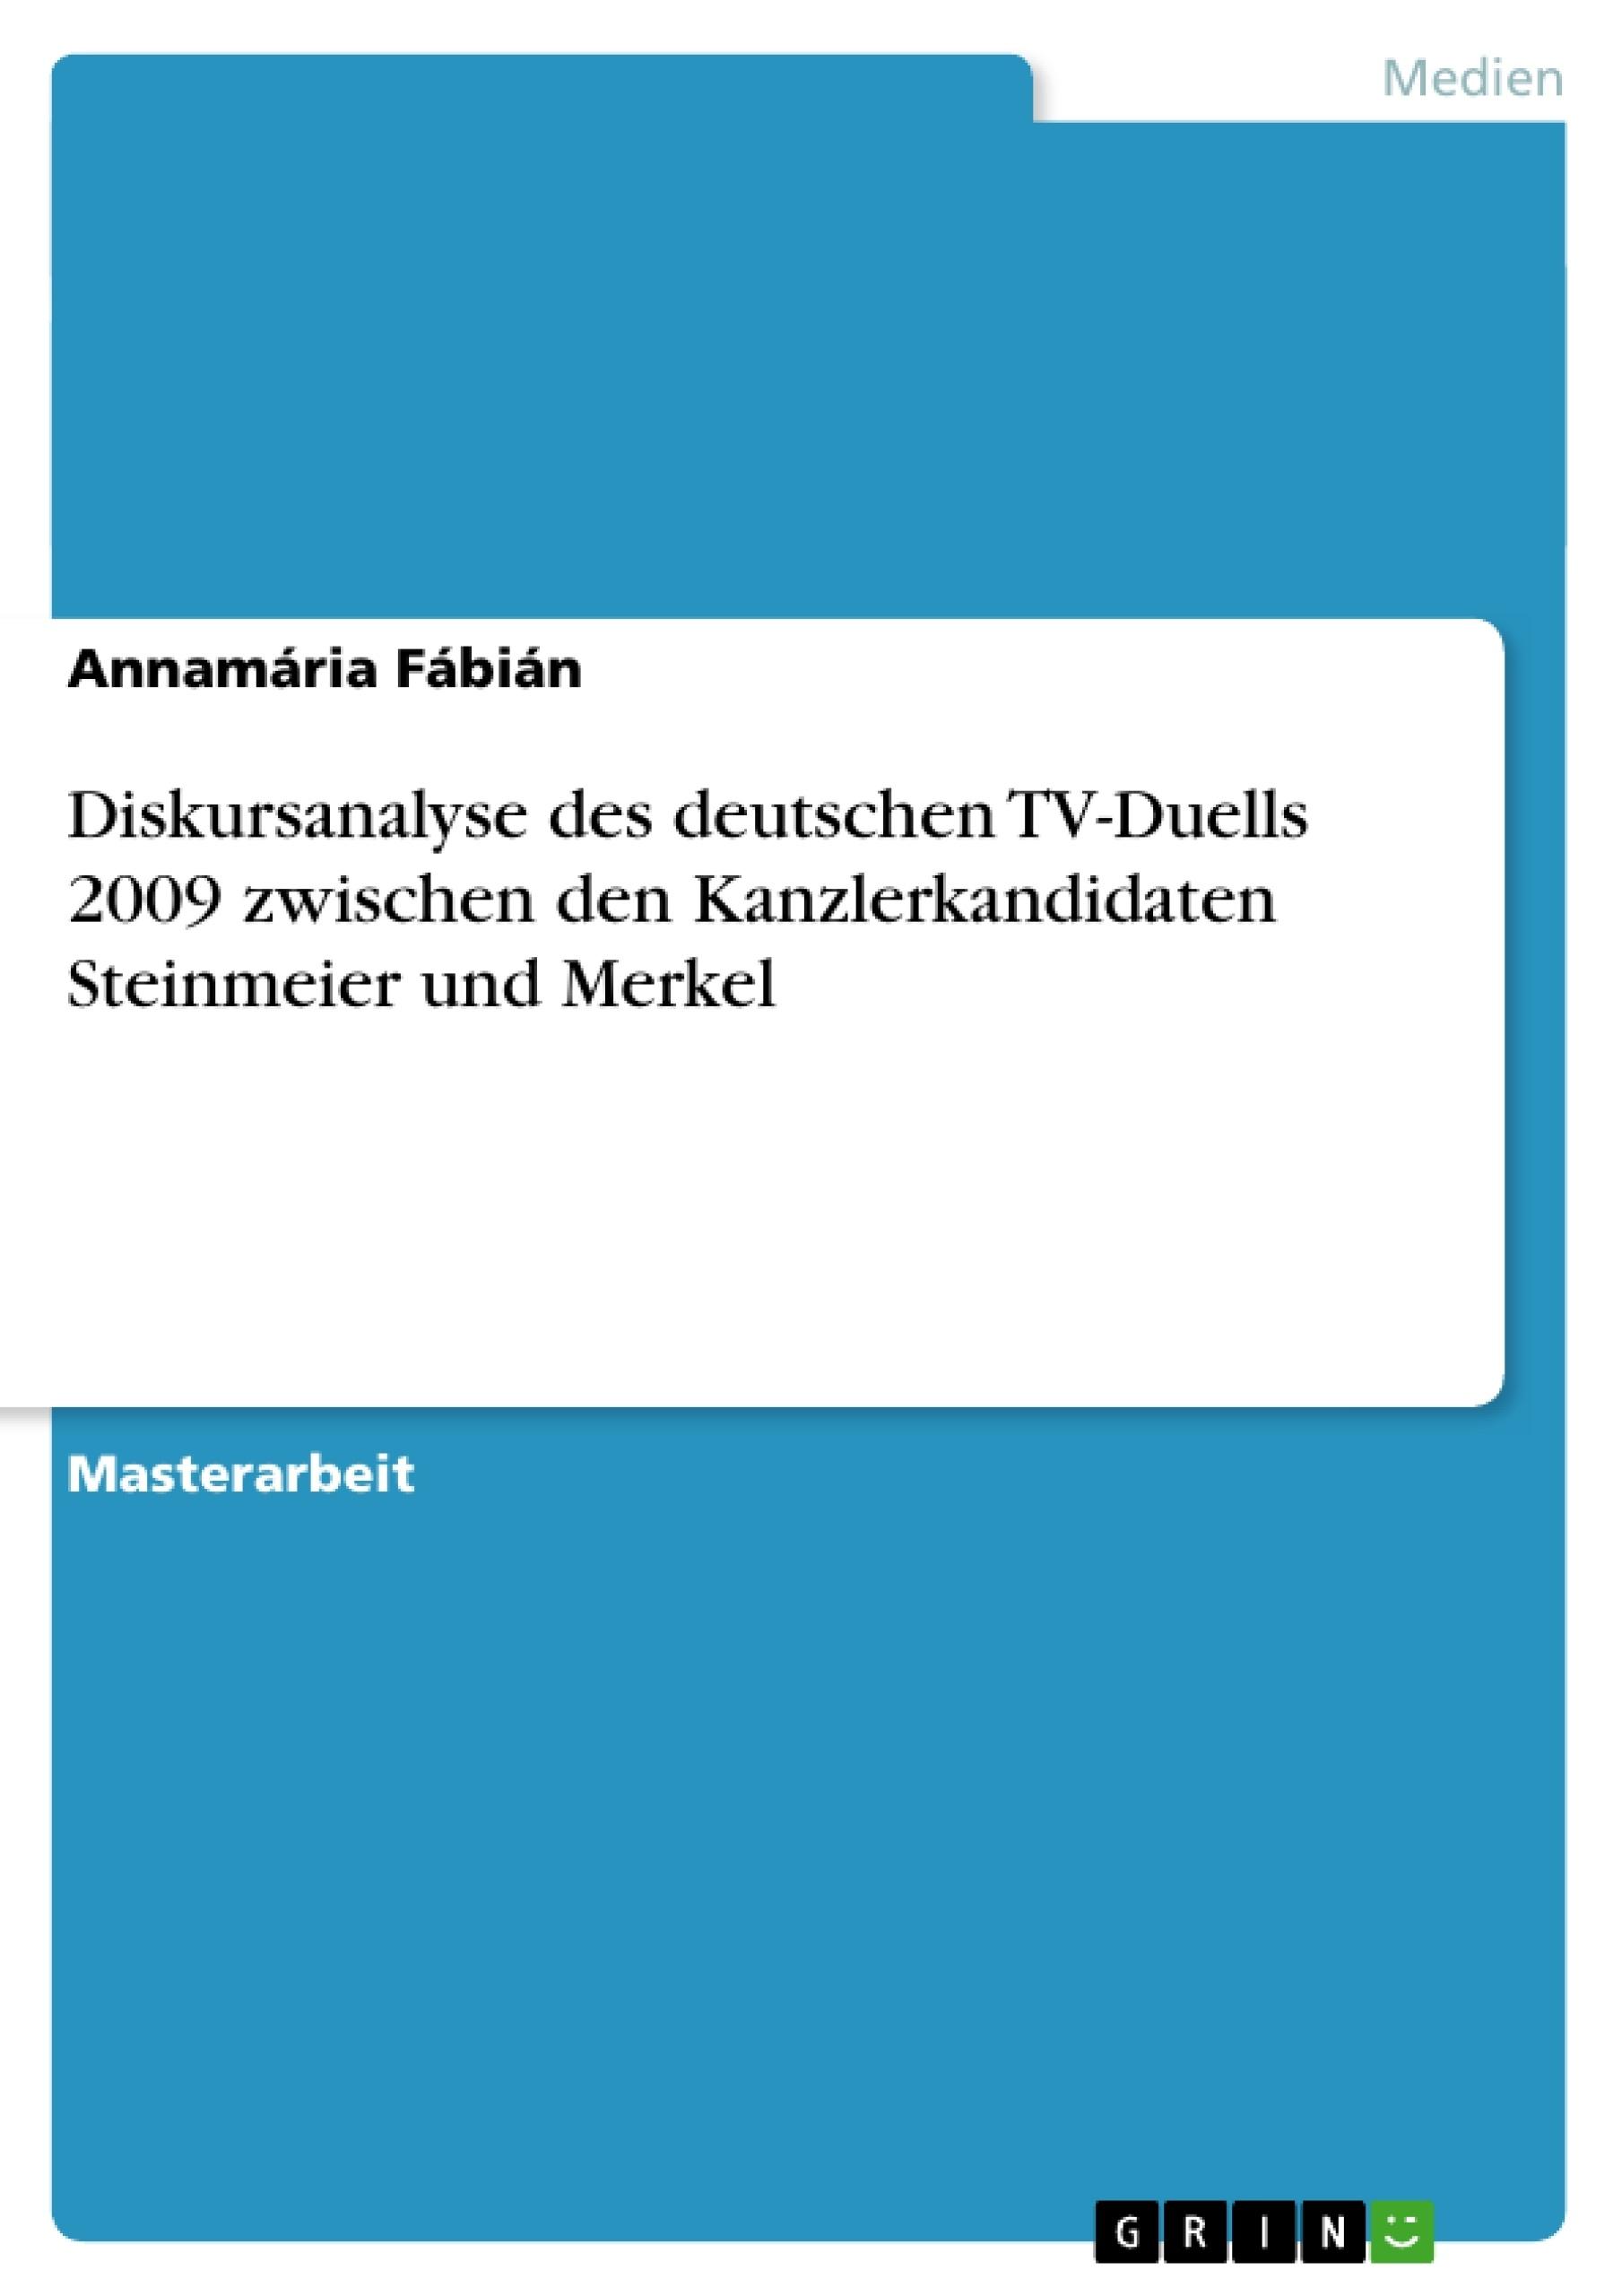 Titel: Diskursanalyse des deutschen TV-Duells 2009 zwischen den Kanzlerkandidaten Steinmeier und Merkel